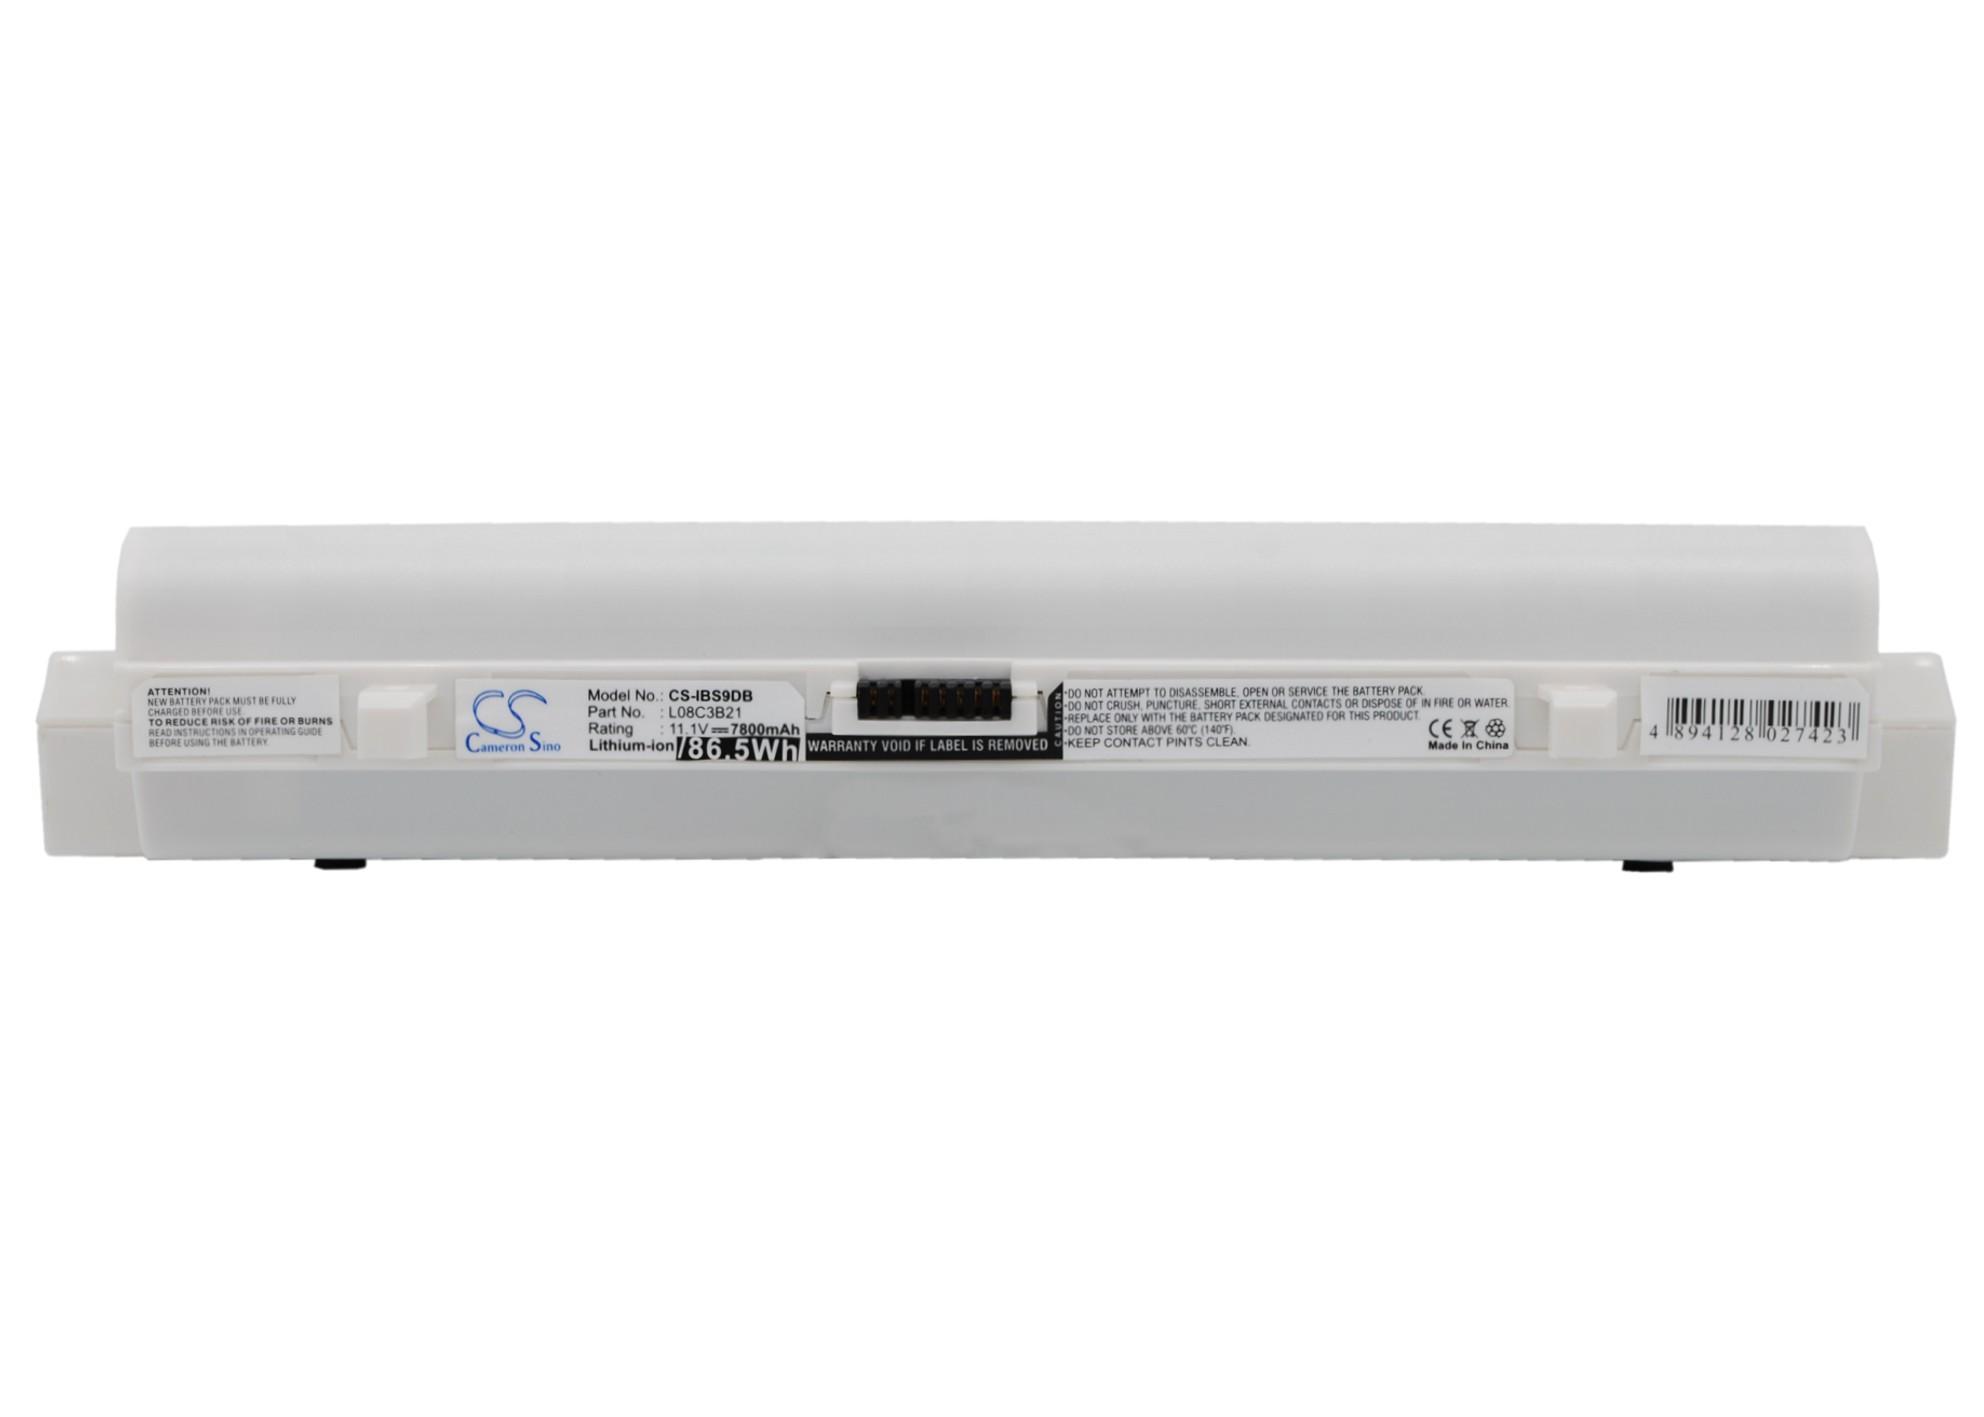 Cameron Sino baterie do notebooků pro LENOVO ideaPad S9e 4187 11.1V Li-ion 7800mAh bílá - neoriginální